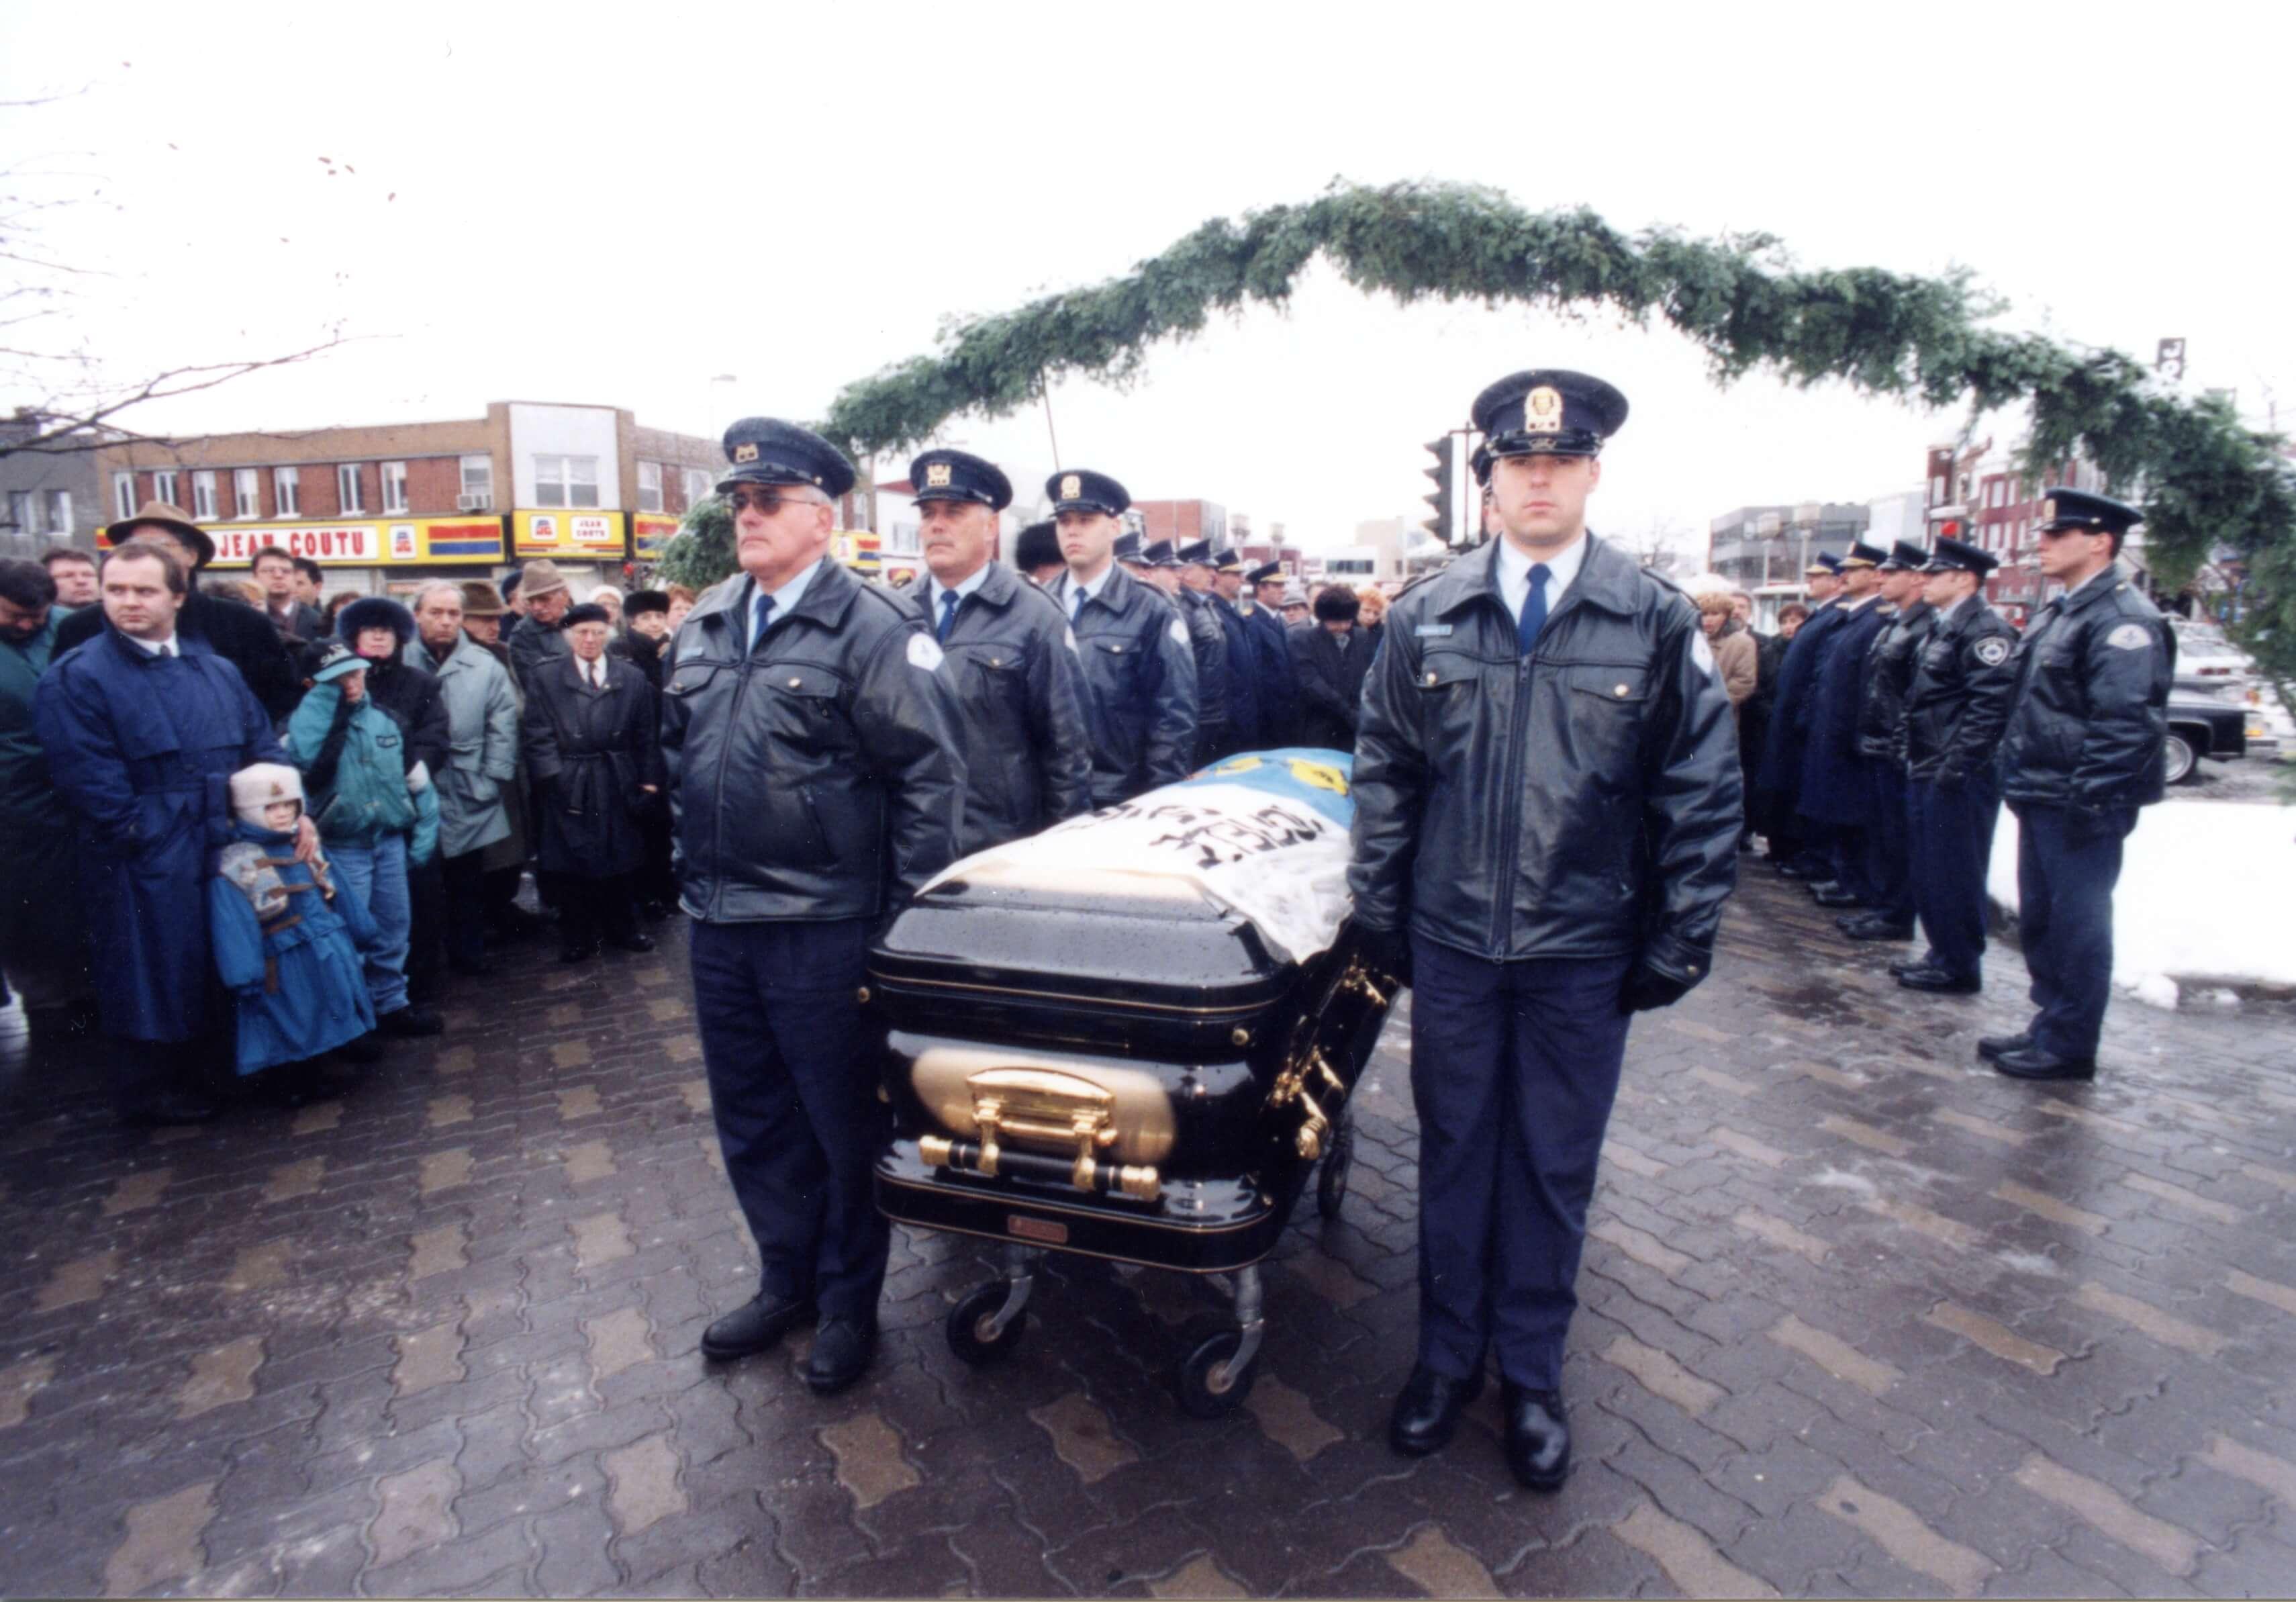 :Gilles Beaudry a été exposé à l'hôtel de ville de Joliette et des funérailles civiques ont été célébrées à l'église Saint-Pierre, le 15 novembre 1995, soit quatre jours après son décès.